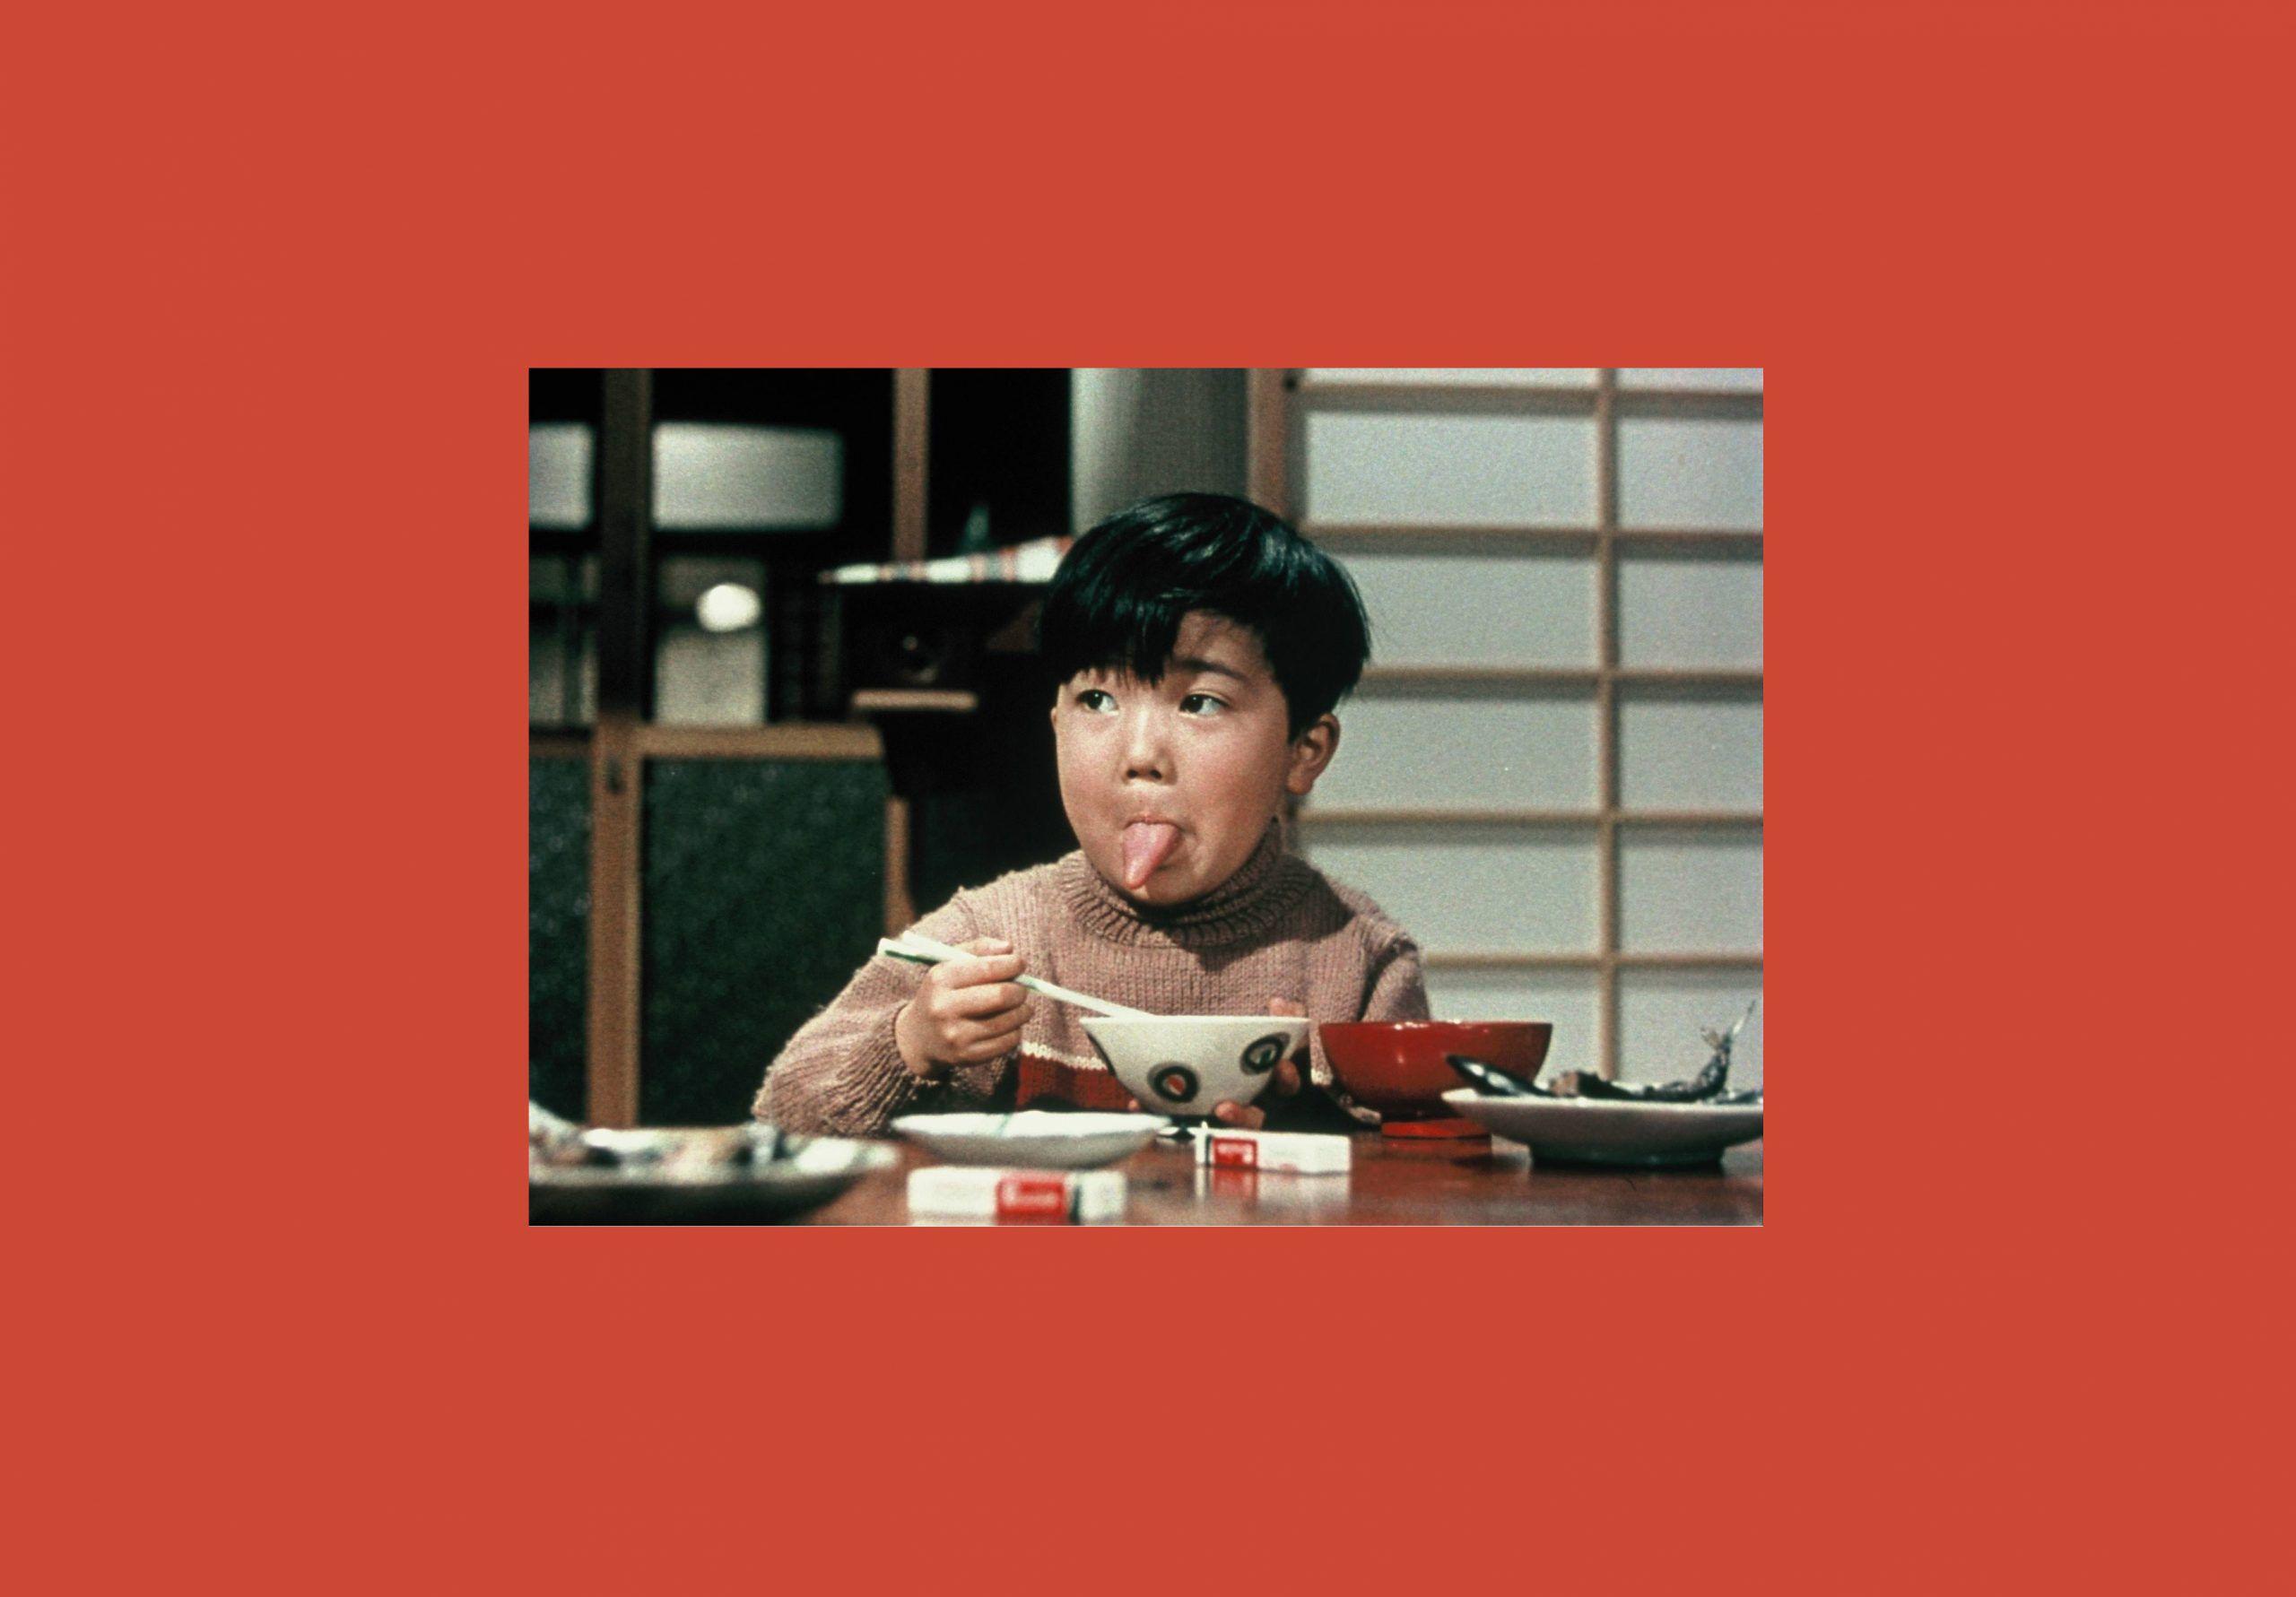 Medeia Filmes disponibiliza de forma gratuita três filmes de Yasujiro Ozu